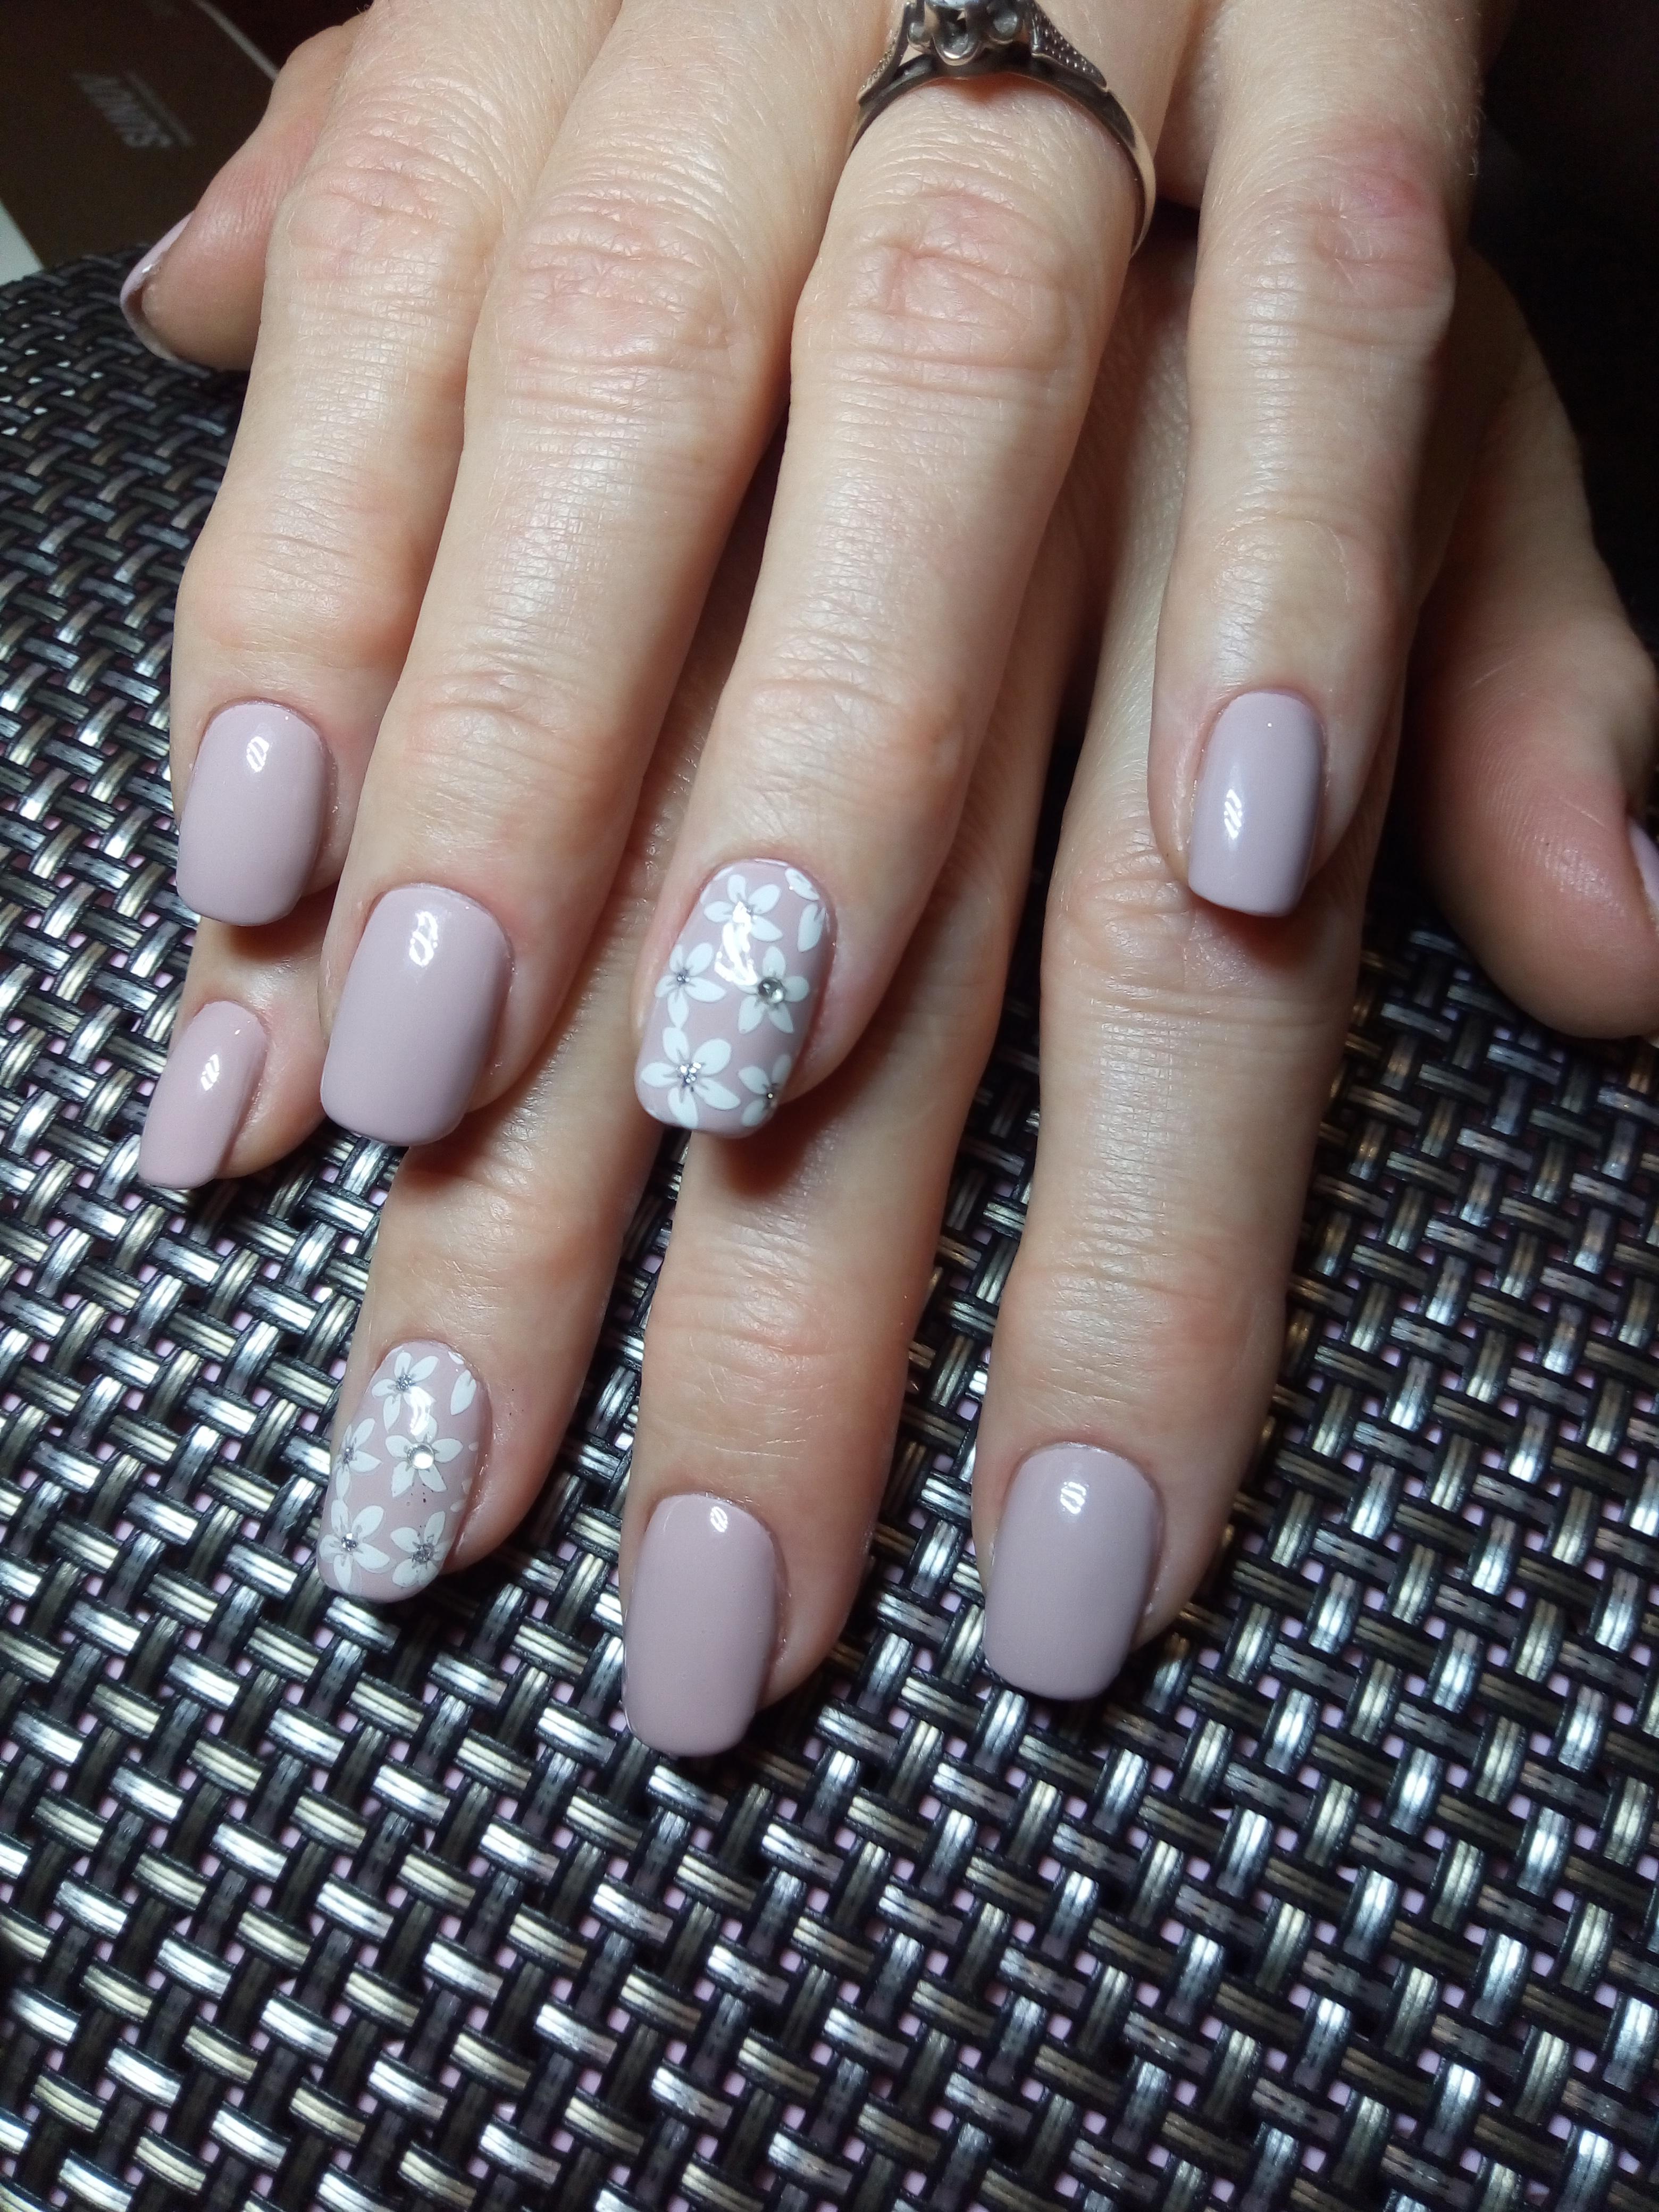 Маникюр с цветочным стемпингом и стразами в пастельных тонах на короткие ногти.